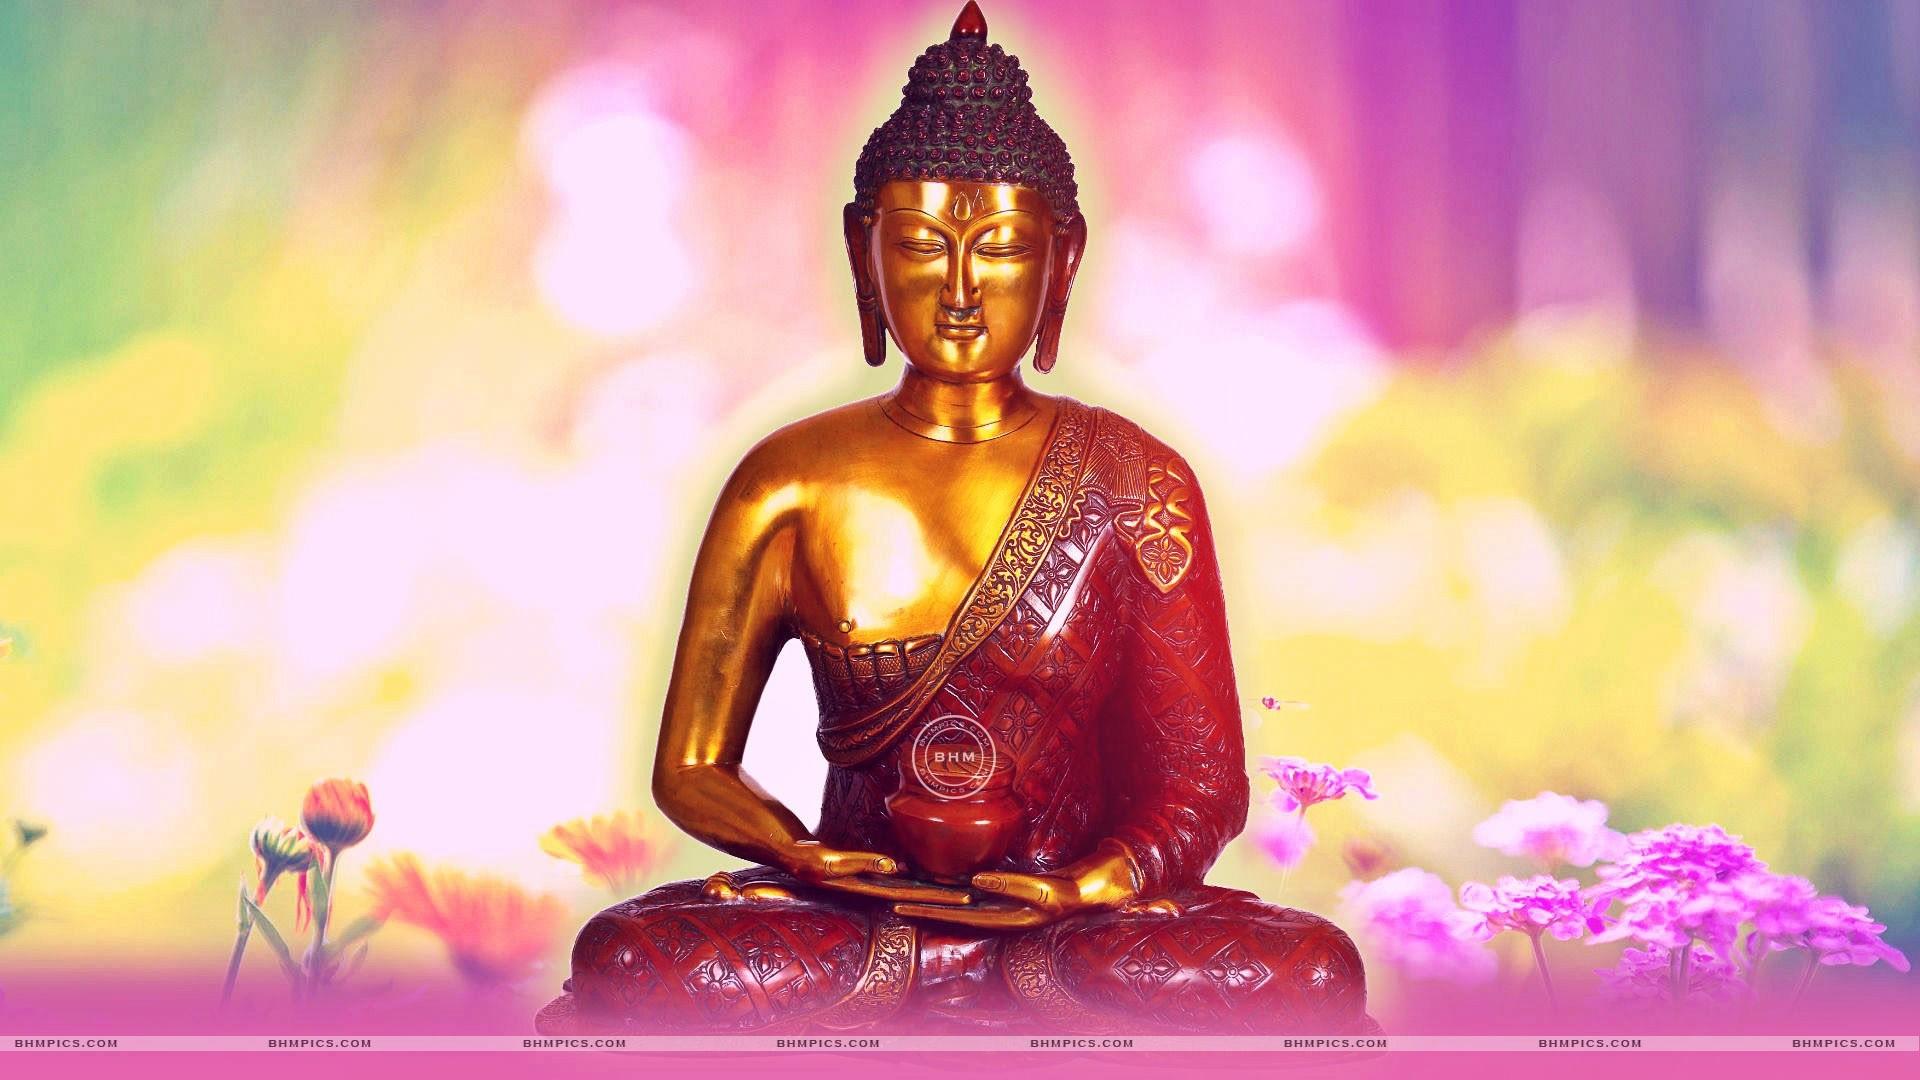 Dalai Lama Quotes Wallpapers Buddha Wallpaper 1920x1080 79 Images